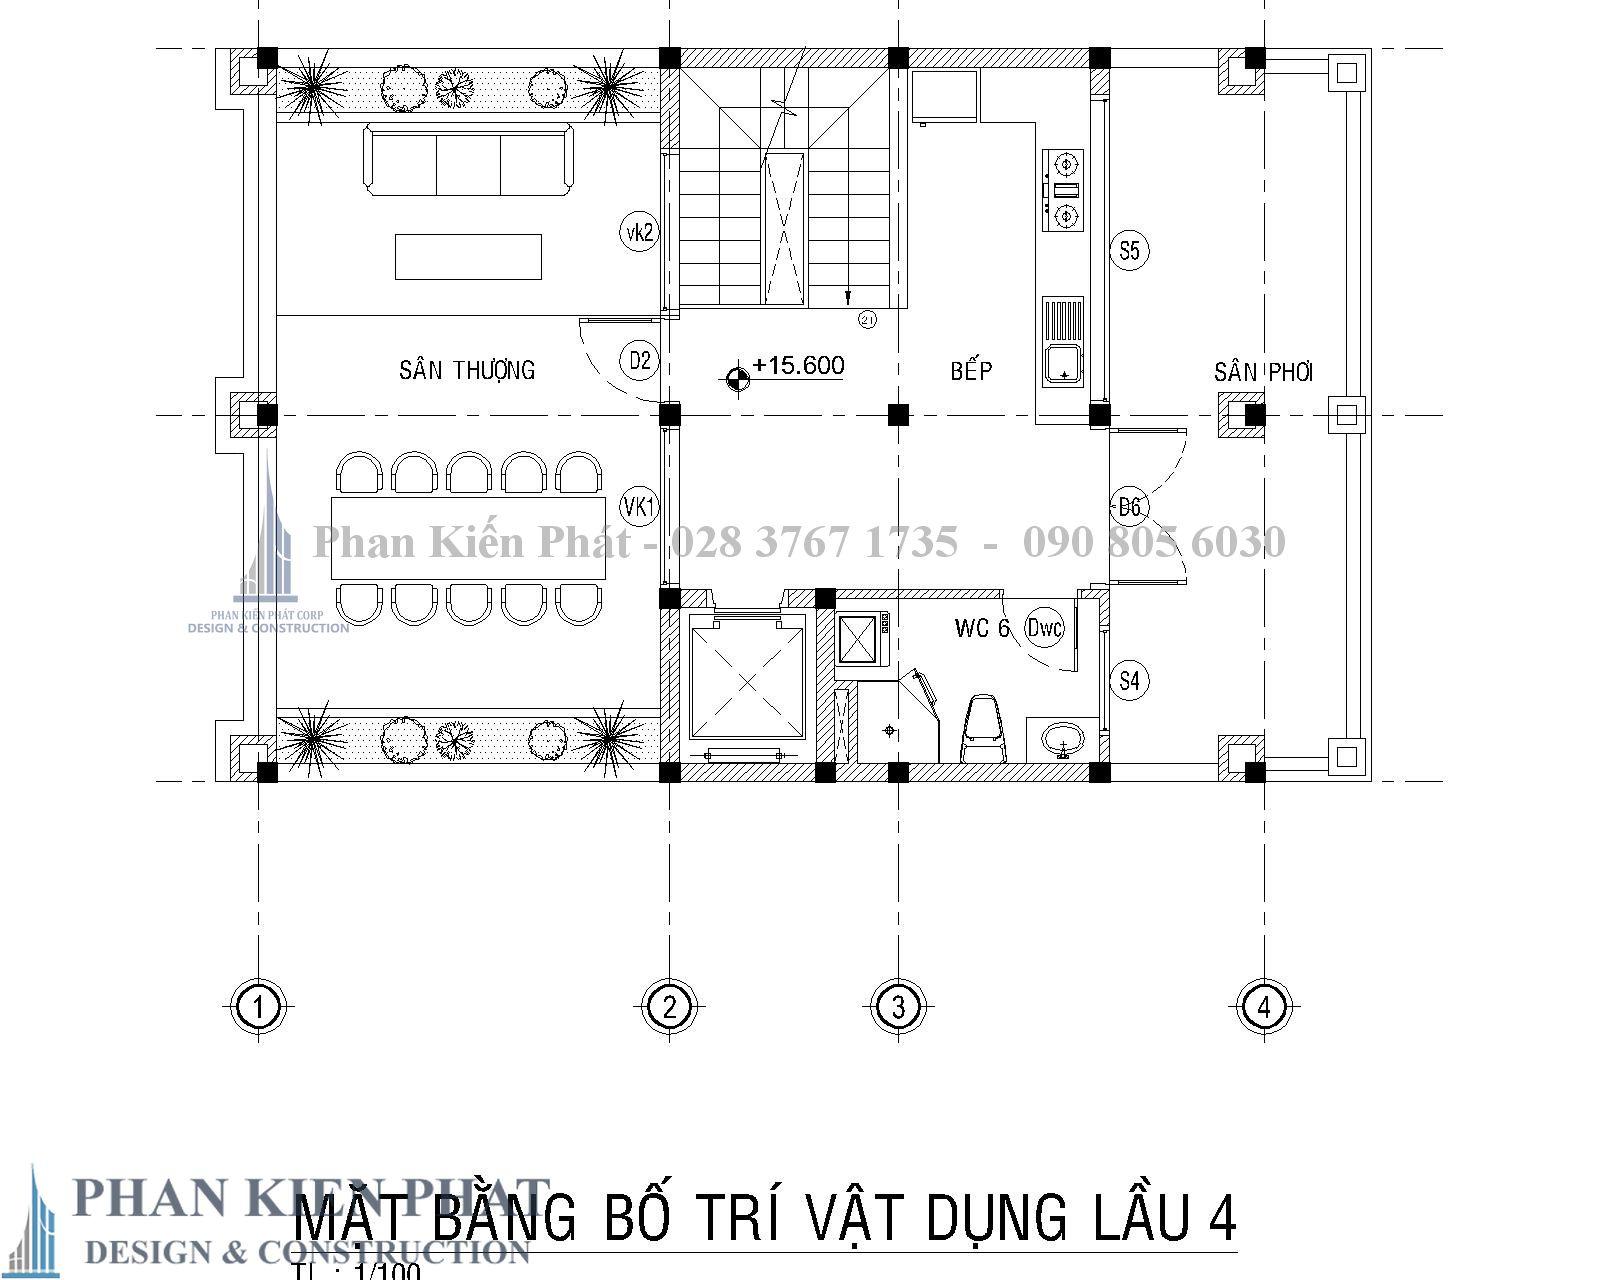 Mat Bang Bo Tri Vat Dung Lau 4 Biet Thu Co Dien - Thiết kế biệt thự cổ điển